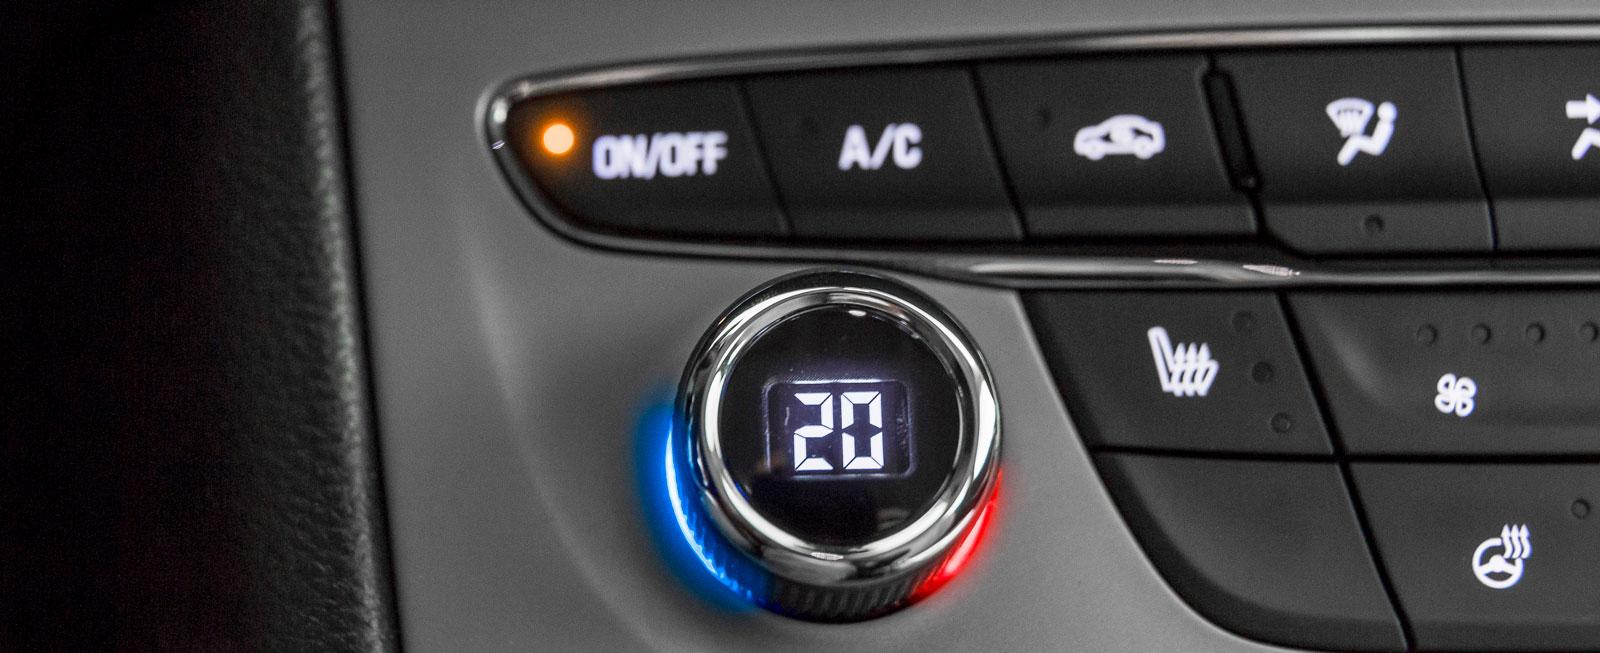 Tvåzoners klimatanläggning är tillval på Astra Enjoy och kostar 3900 kronor extra. Standard är vanlig luftkonditionering.